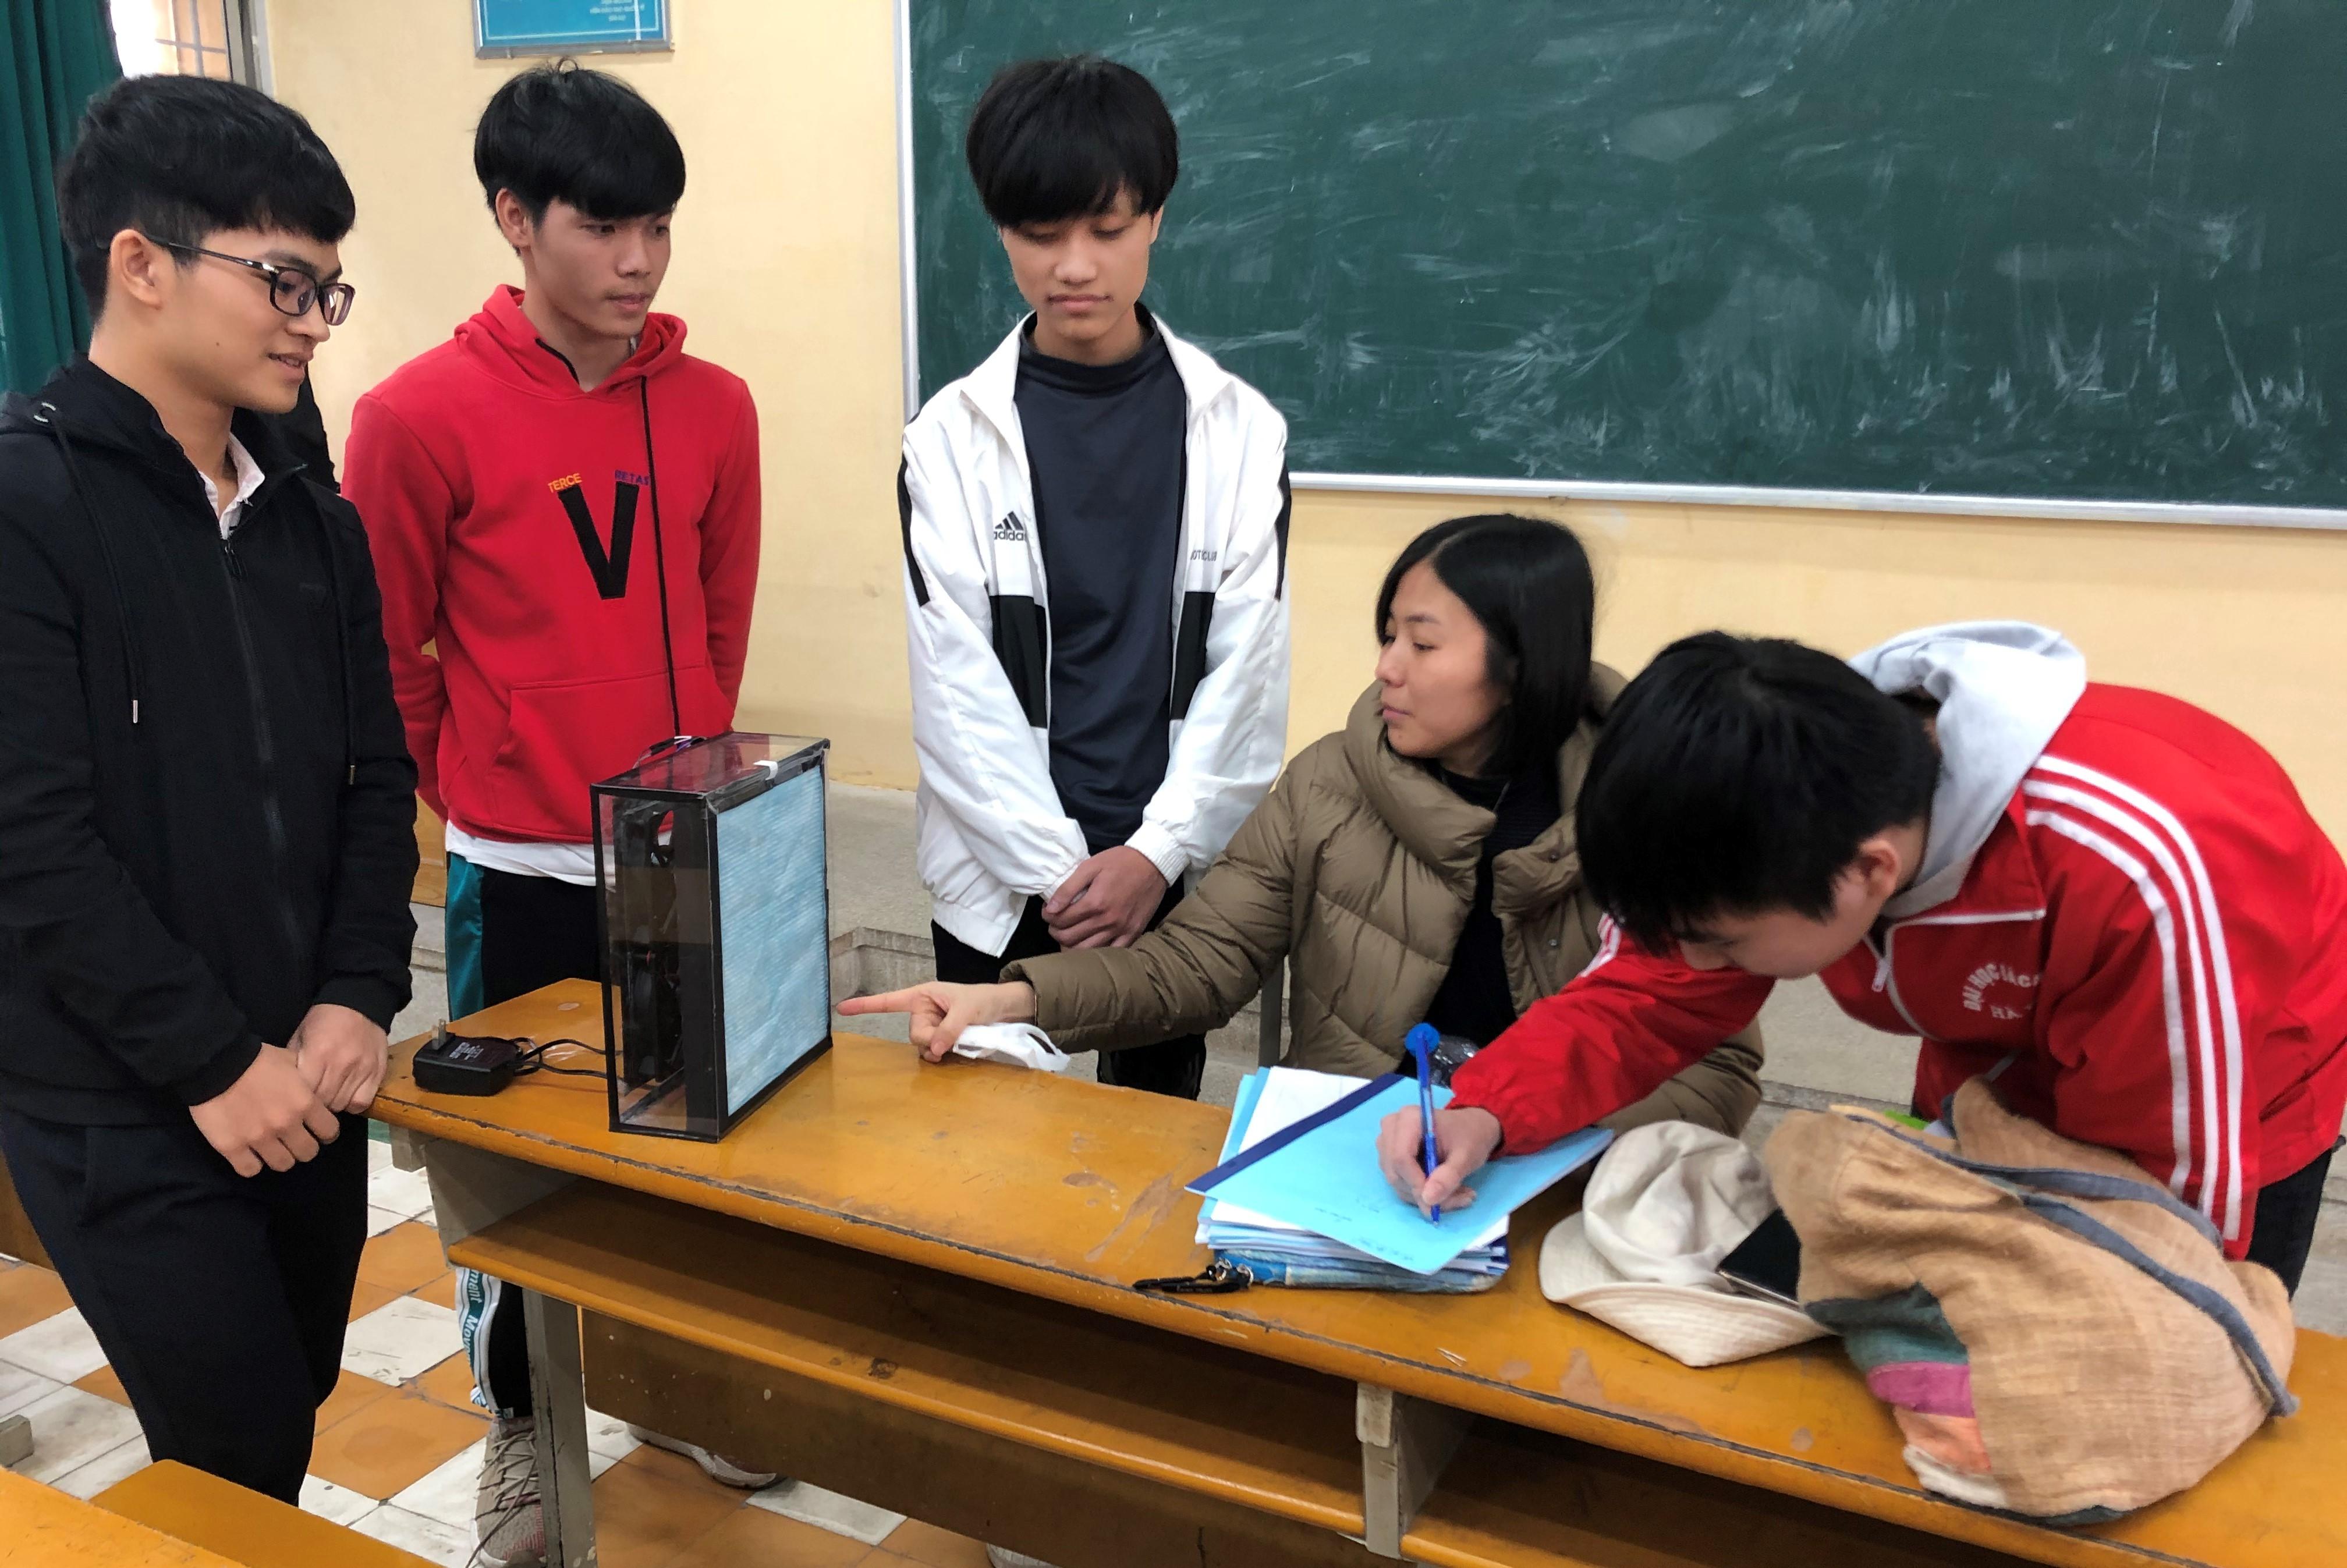 Giáo viên hướng dẫn học sinh về màng lọc không khí